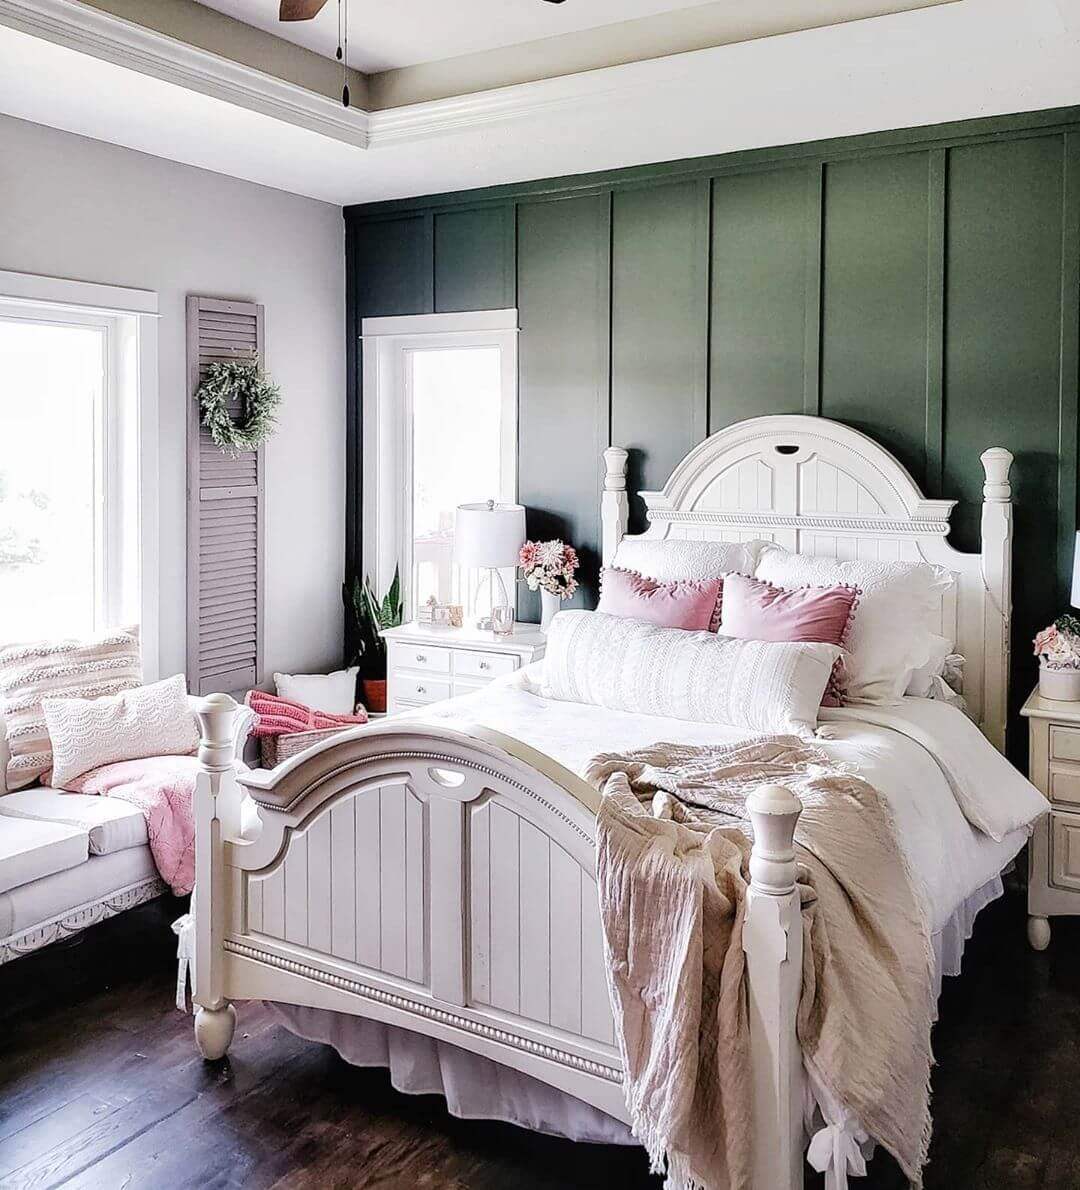 cama-estilos-cabaña